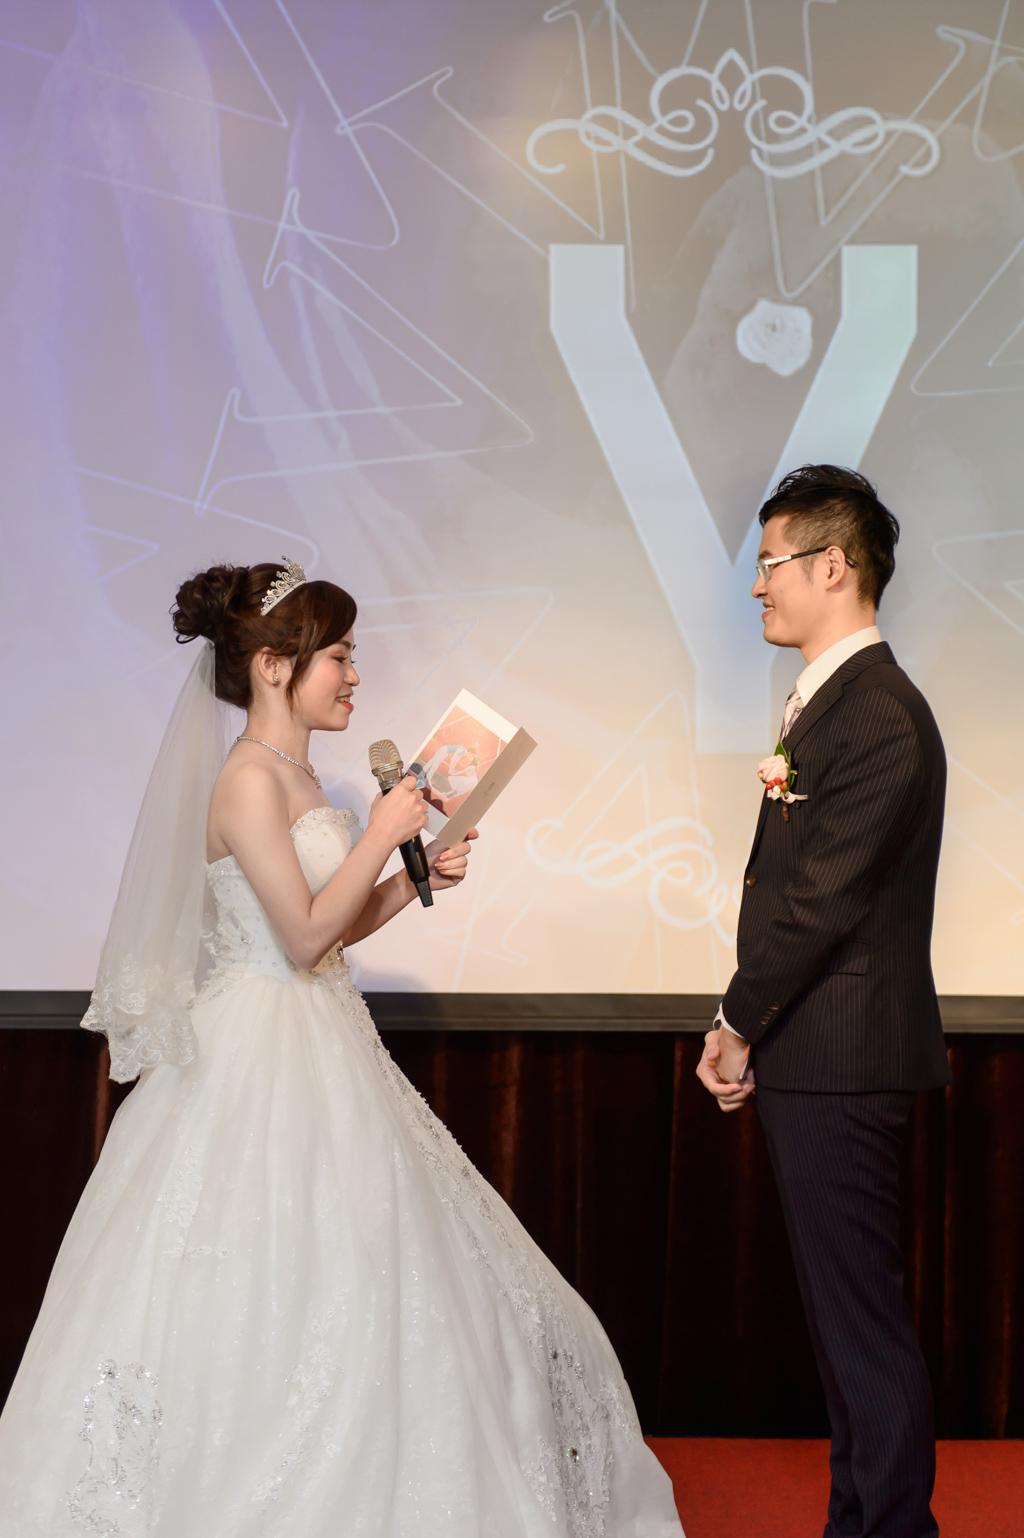 婚攝小勇, 小寶團隊, 台北婚攝, 中崙華漾, 中崙華漾婚宴, 中崙華漾婚攝, vivian, wedding day-056